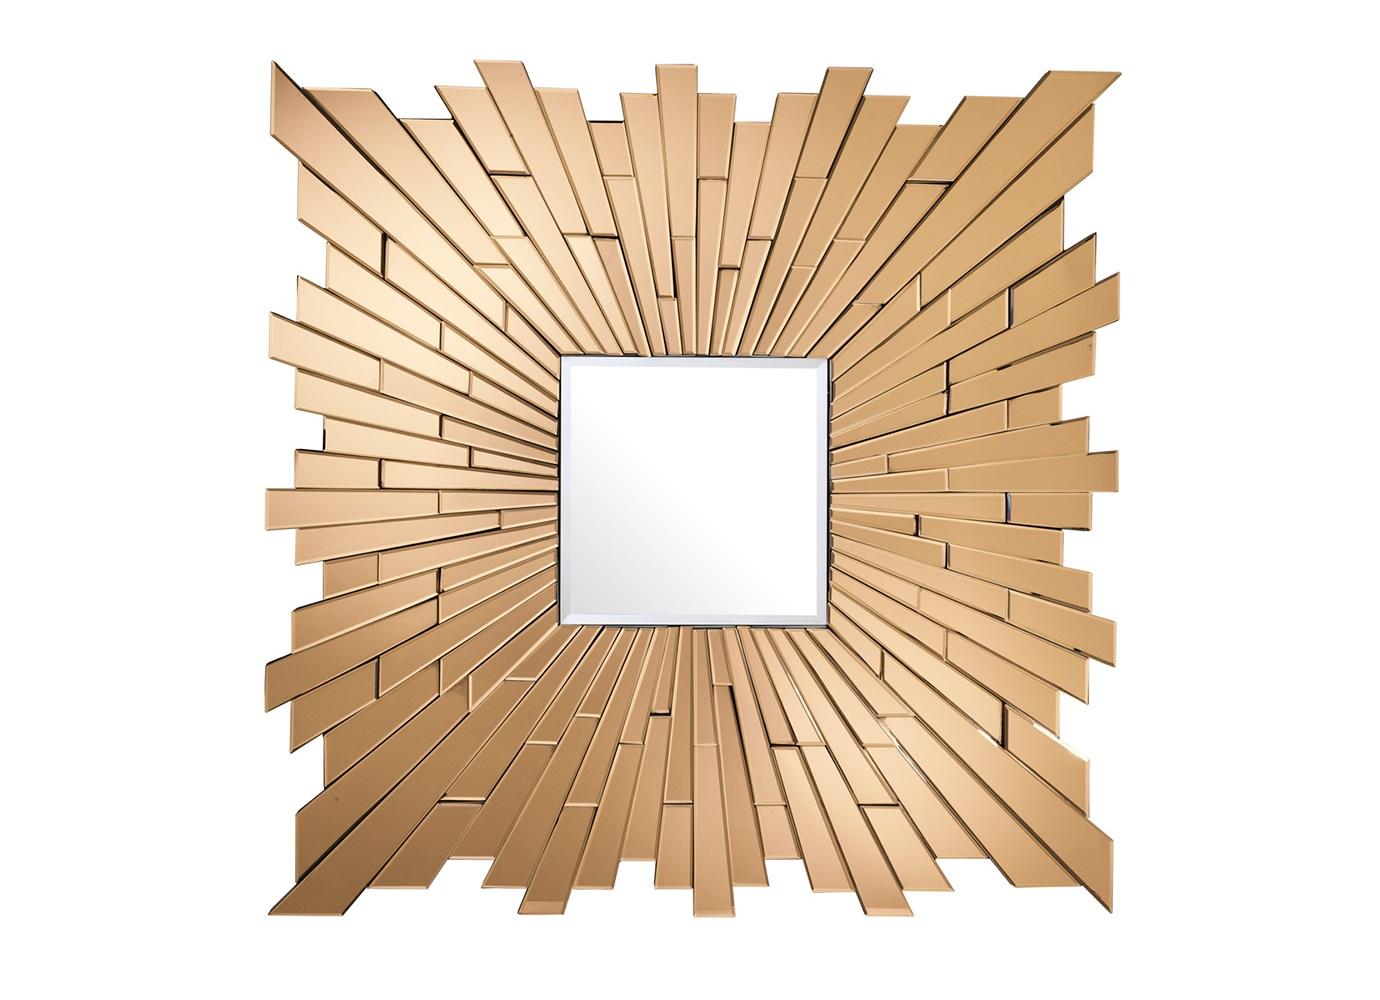 ЗеркалоНастенные зеркала<br>Зеркало Mirror Moonriver с оригинальным дизайном. Рамка состоит из зеркальных граней янтарного цвета.<br><br>Material: Стекло<br>Width см: 120<br>Height см: 120